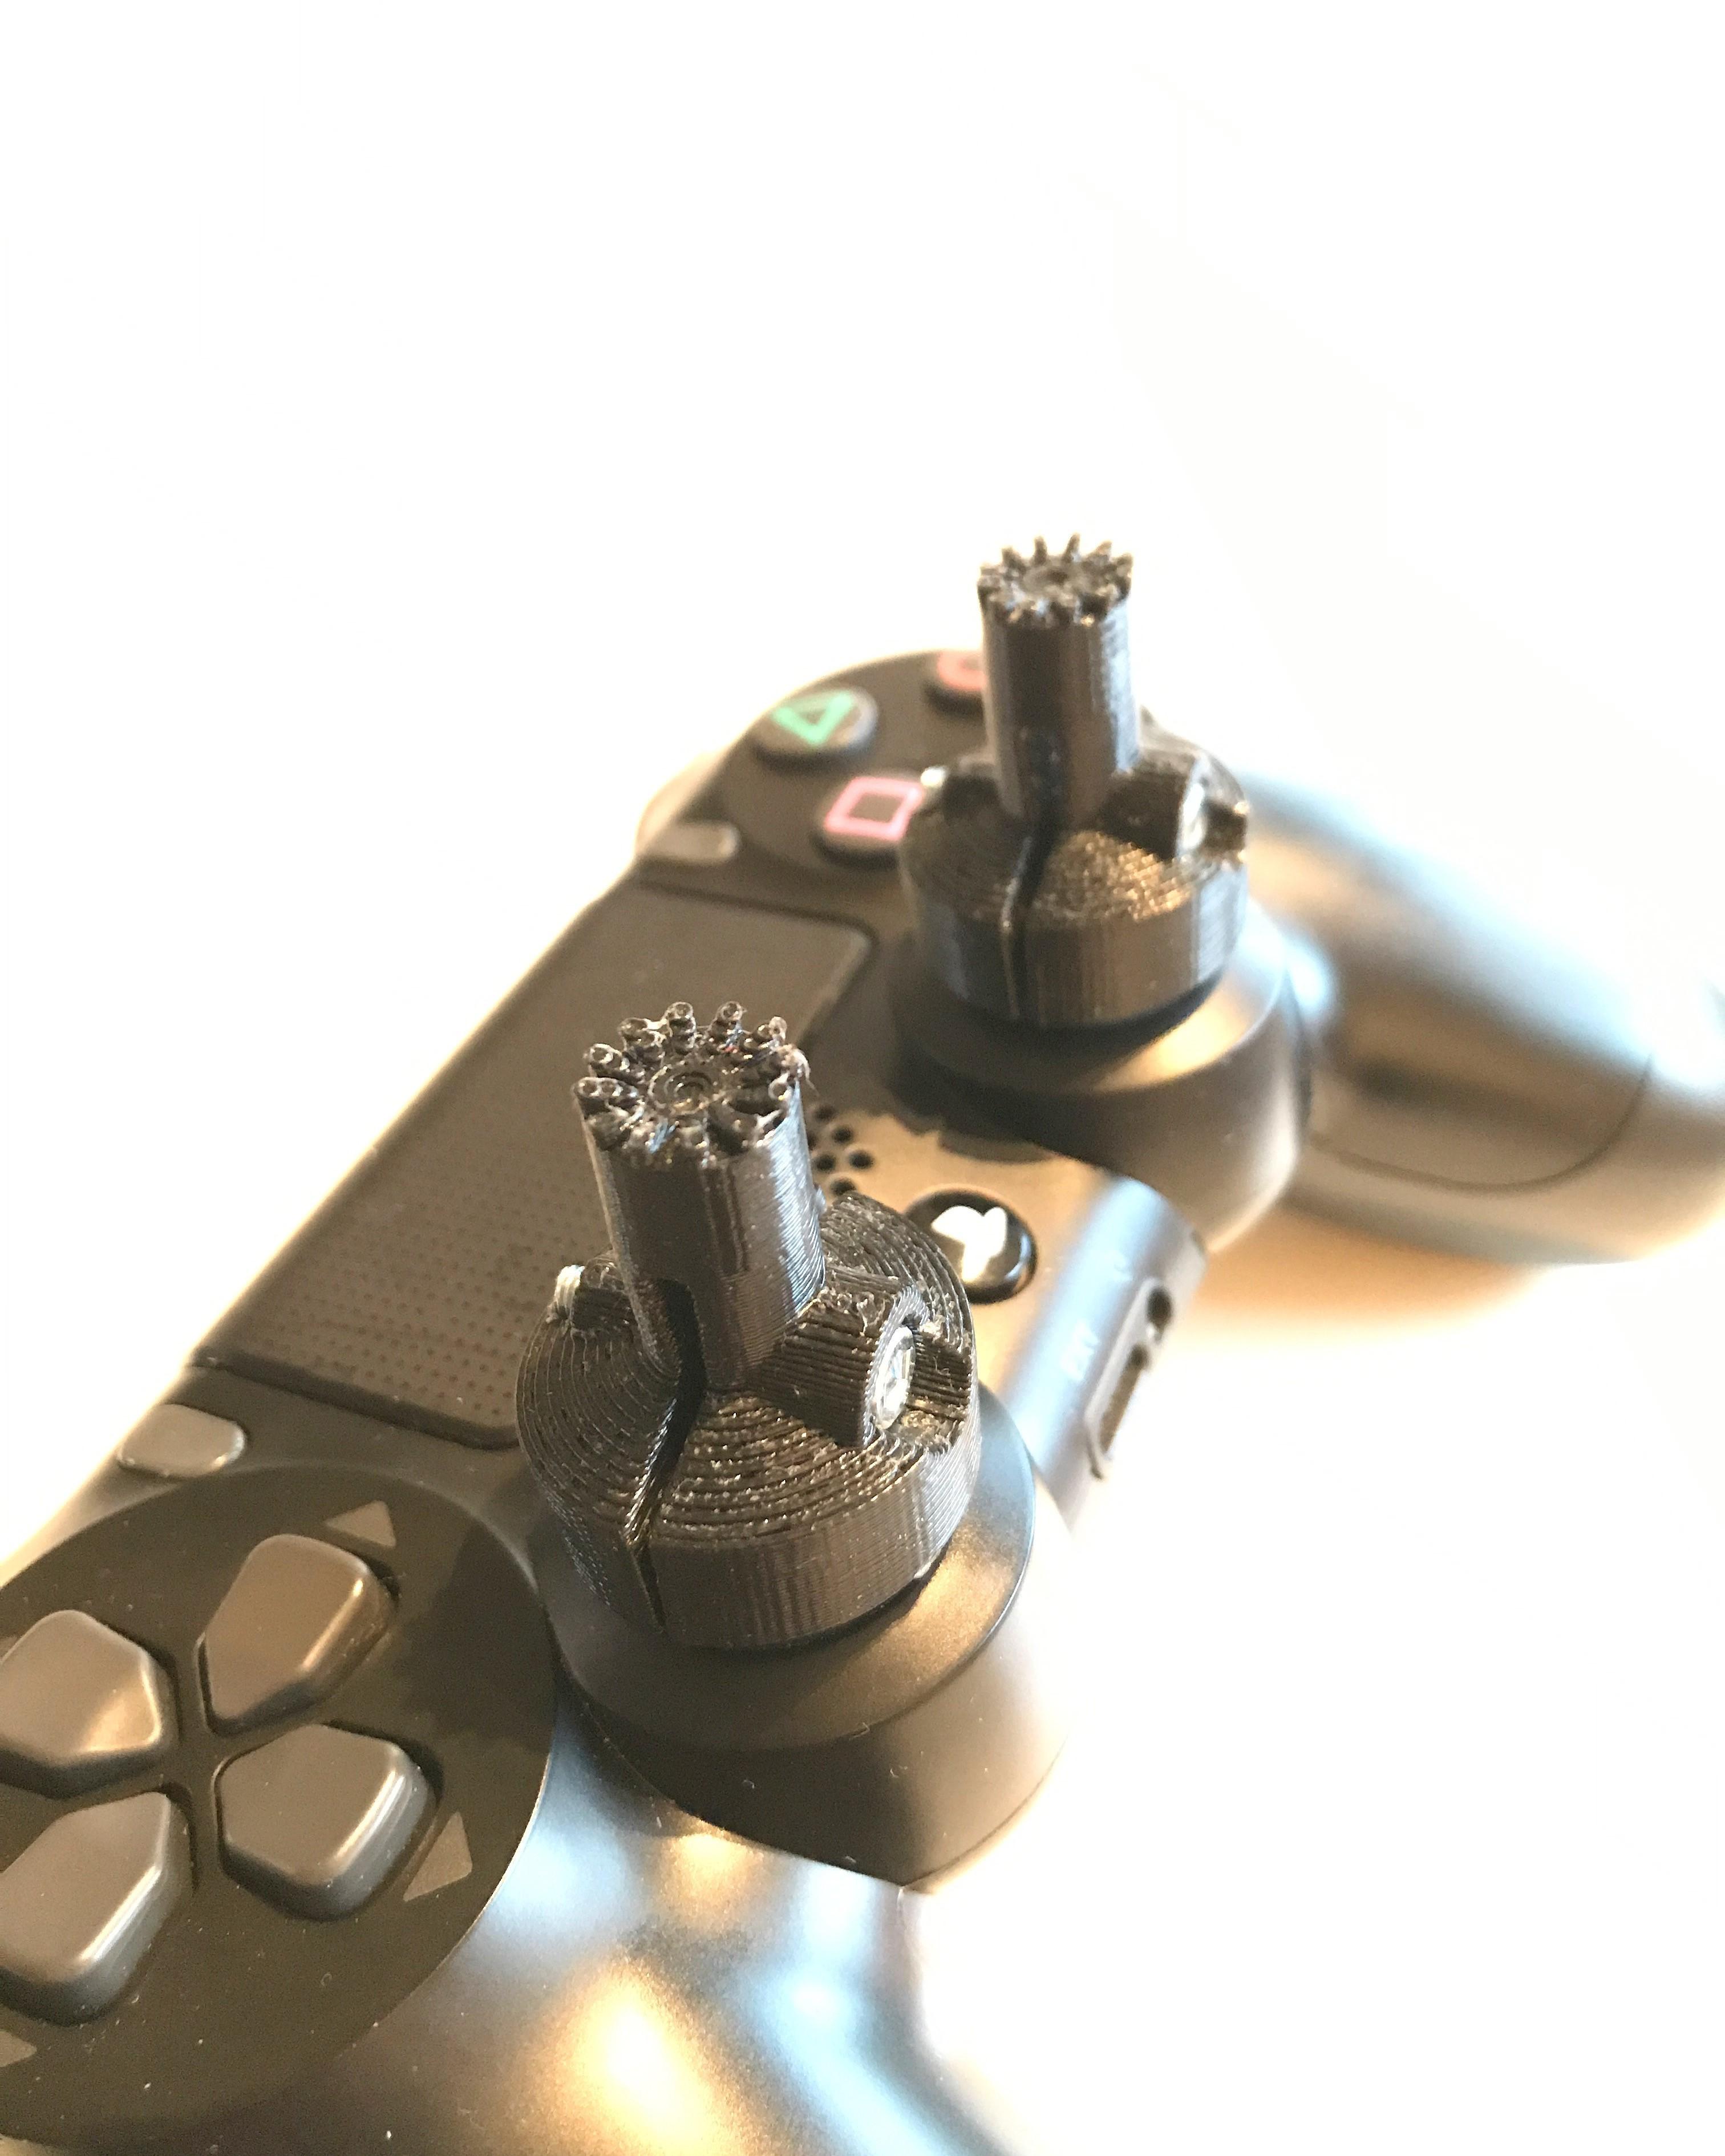 ps4_gimbal_extender.jpg Télécharger fichier STL gratuit Extensions de la cardan des contrôleurs de jeu PS4 • Design à imprimer en 3D, sprintFPV